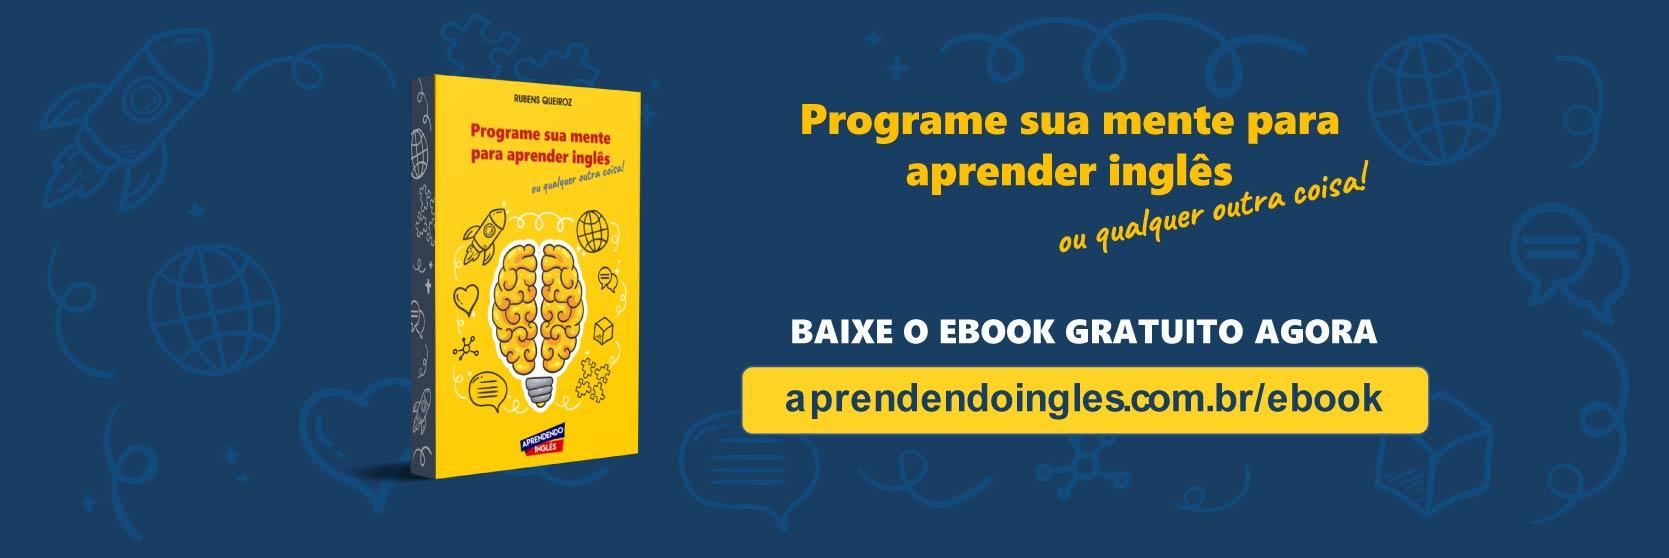 Programe sua mente para aprender inglês - ebook gratuito